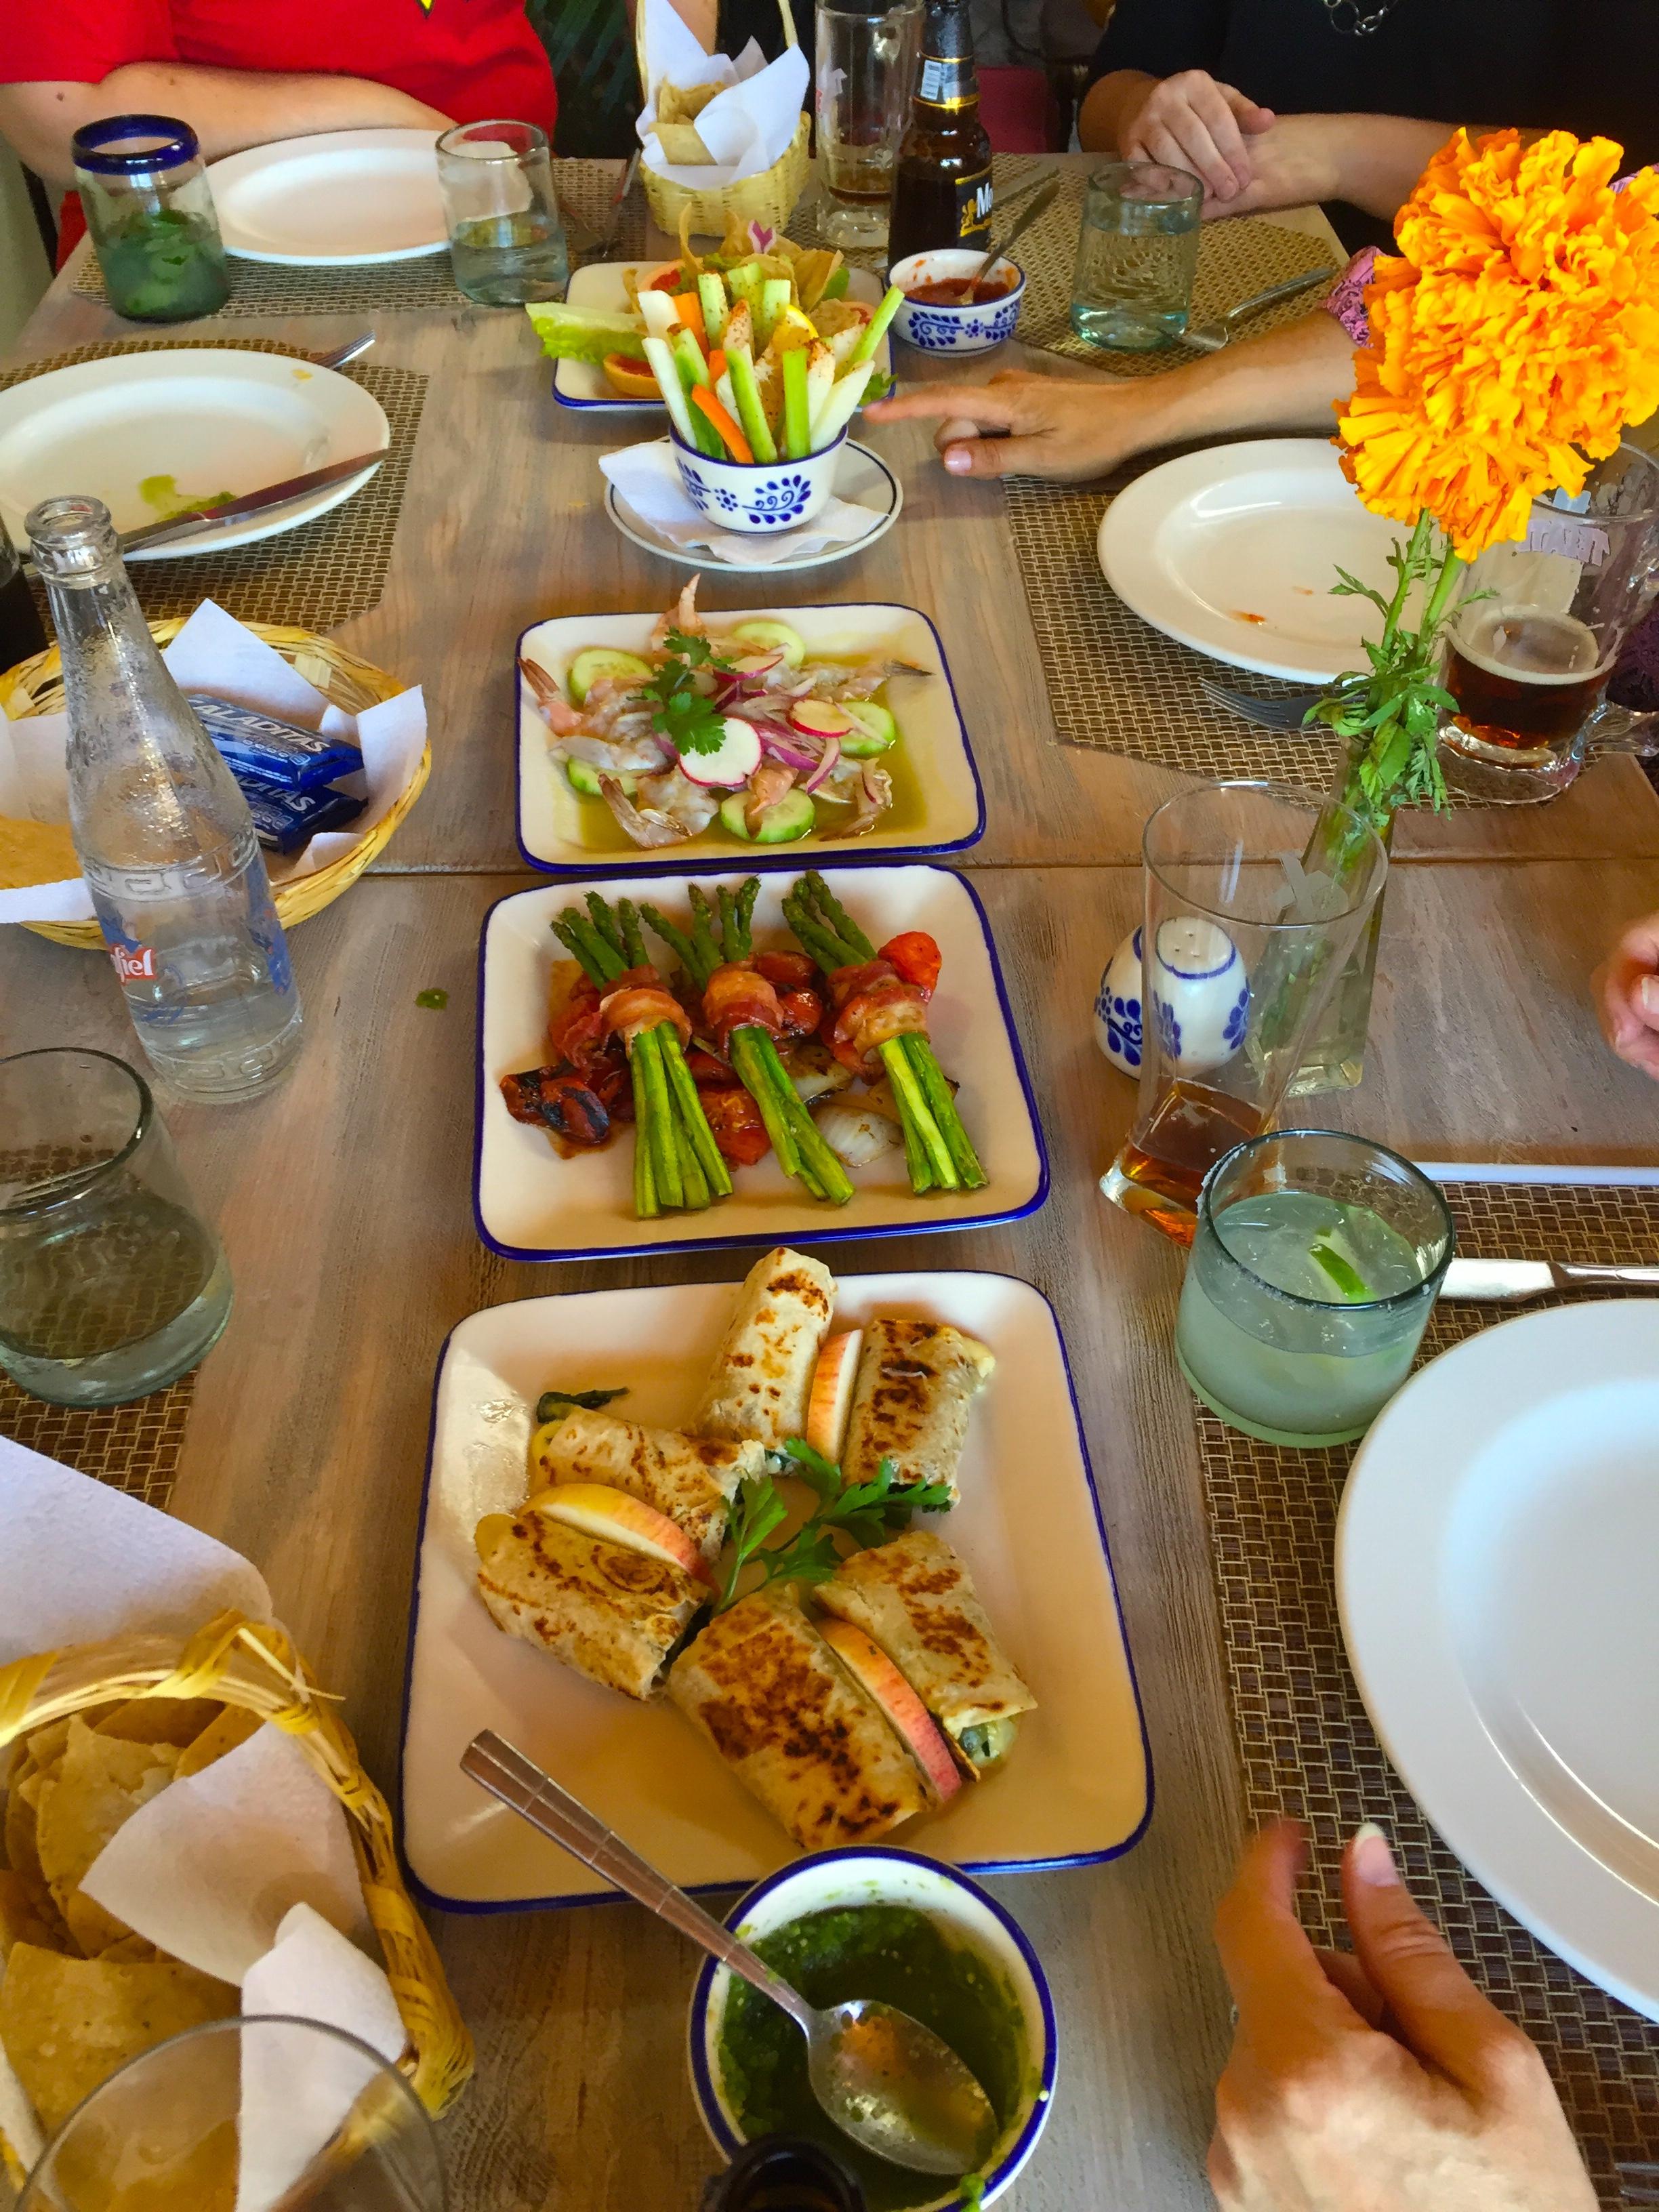 Simply delightful lunch in San Miguel de Allende